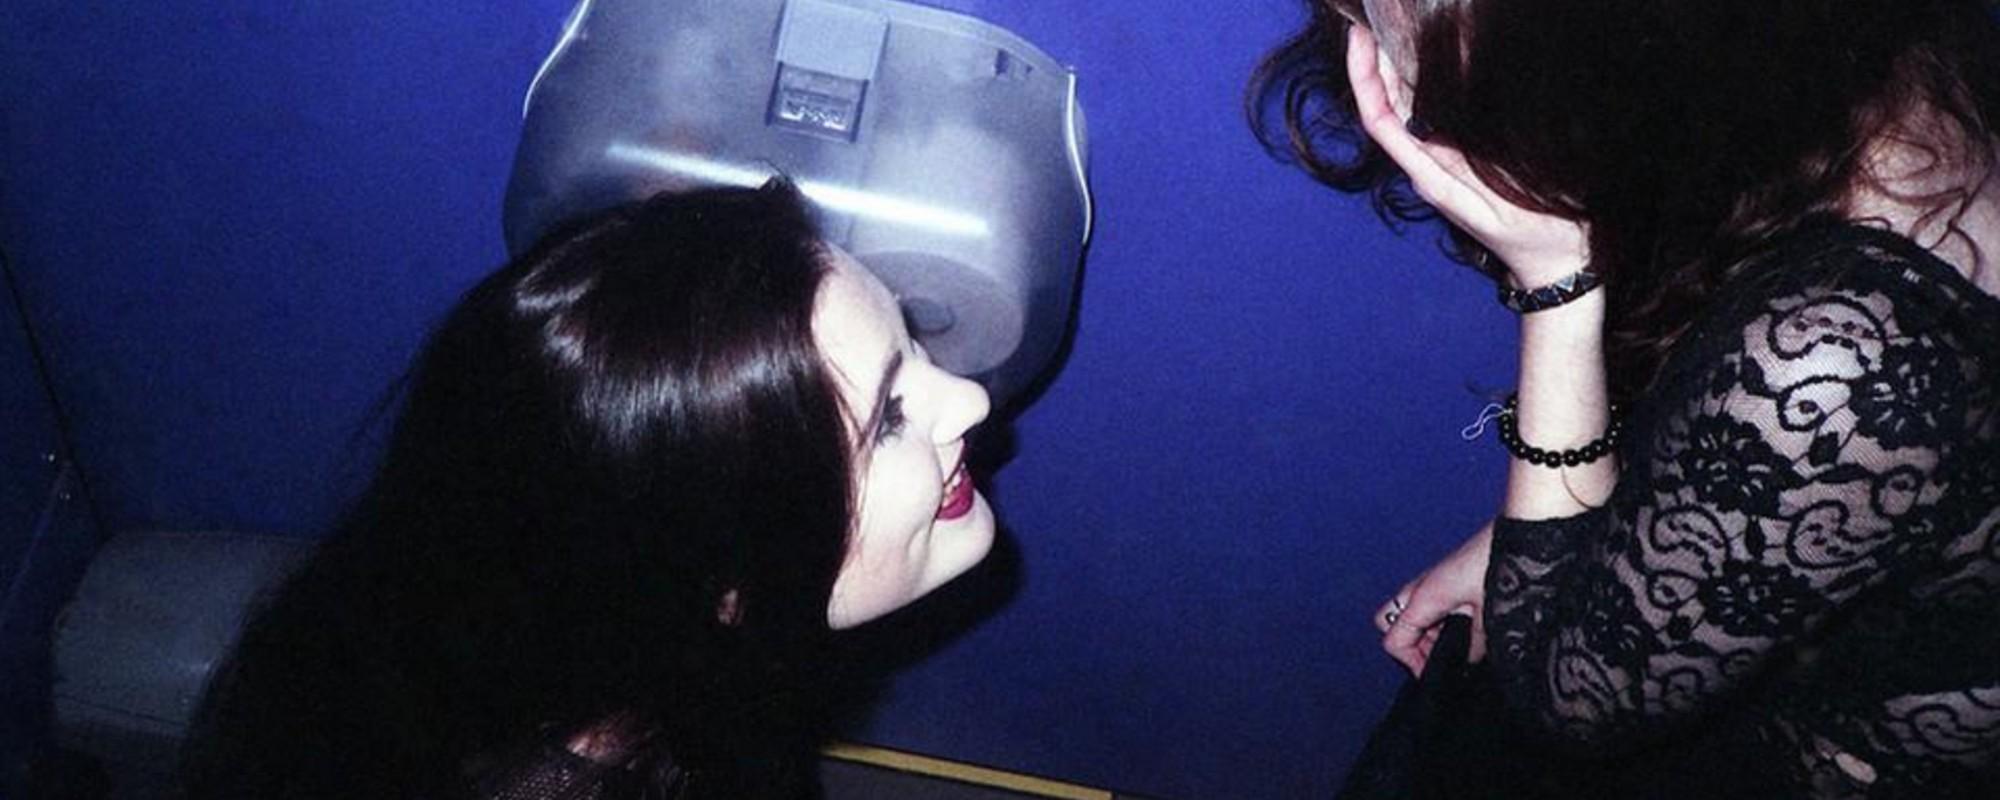 Lubię w klubie: zdjęcia z damskich toalet londyńskich klubów